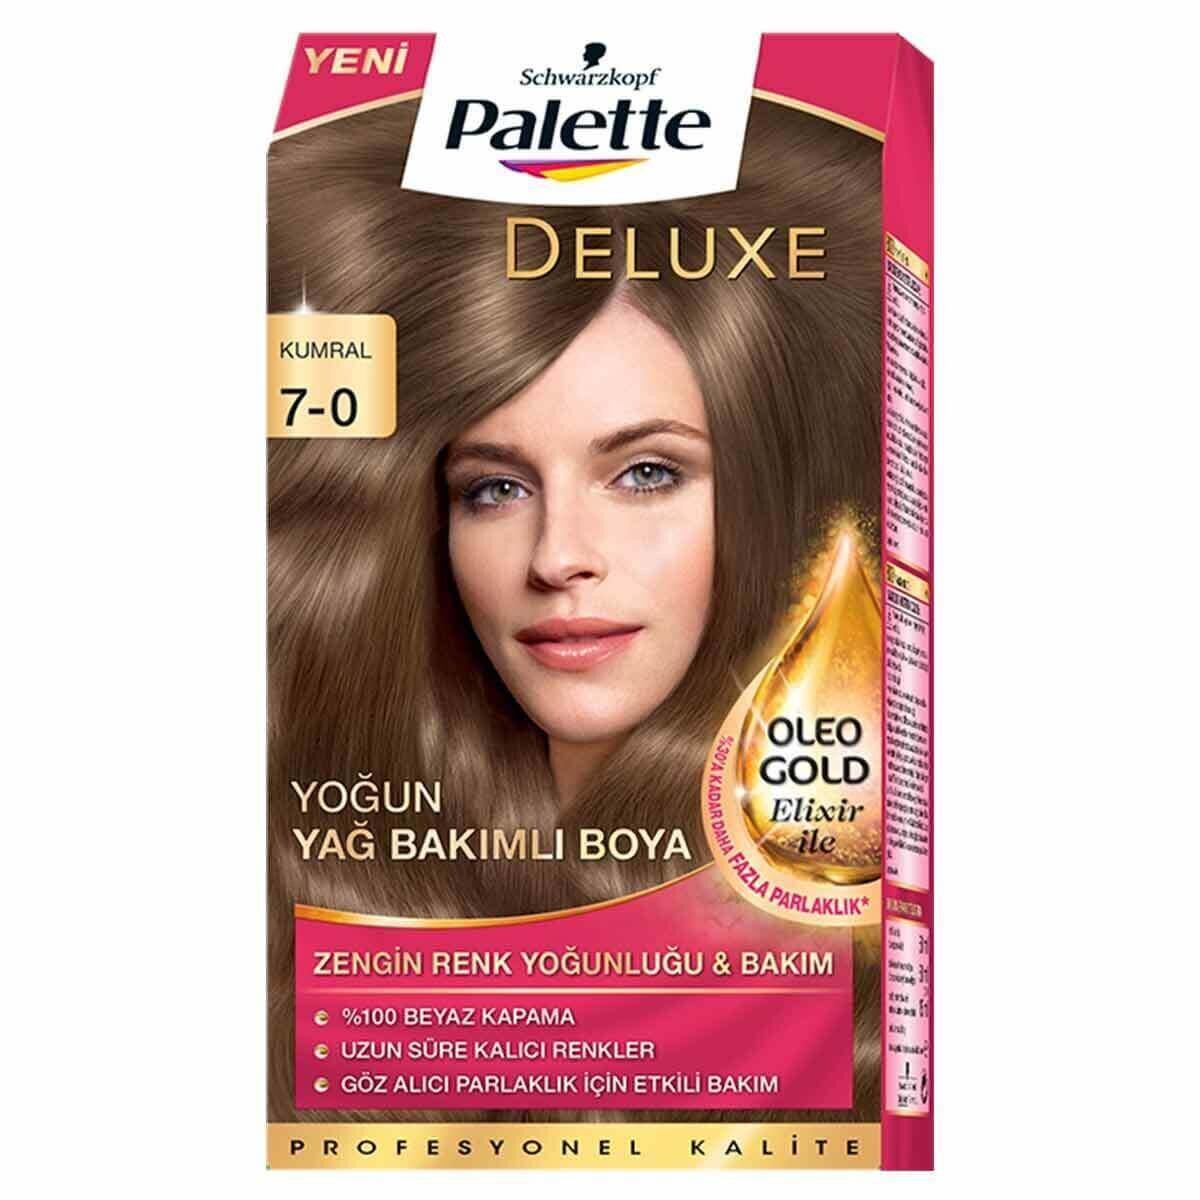 Deluxe Saç Boyası 7-0 Kumral